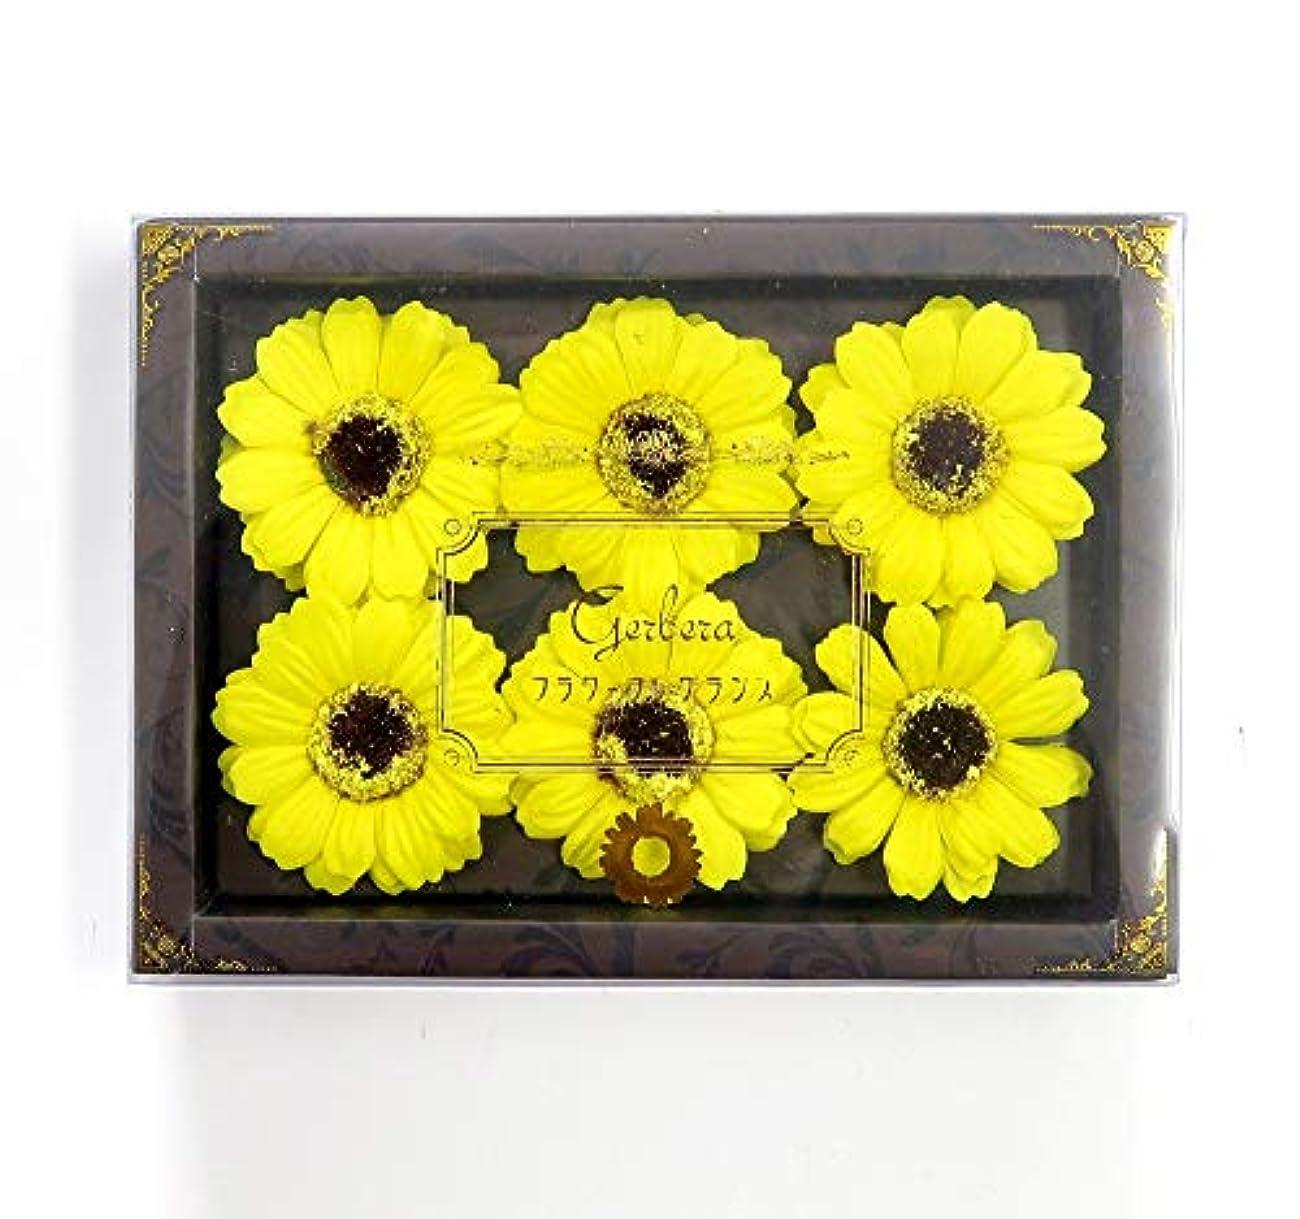 批判的メッセージ笑い花のカタチの入浴剤 ガーベラ バスフレグランス フラワーフレグランス バスフラワー (イエロー)